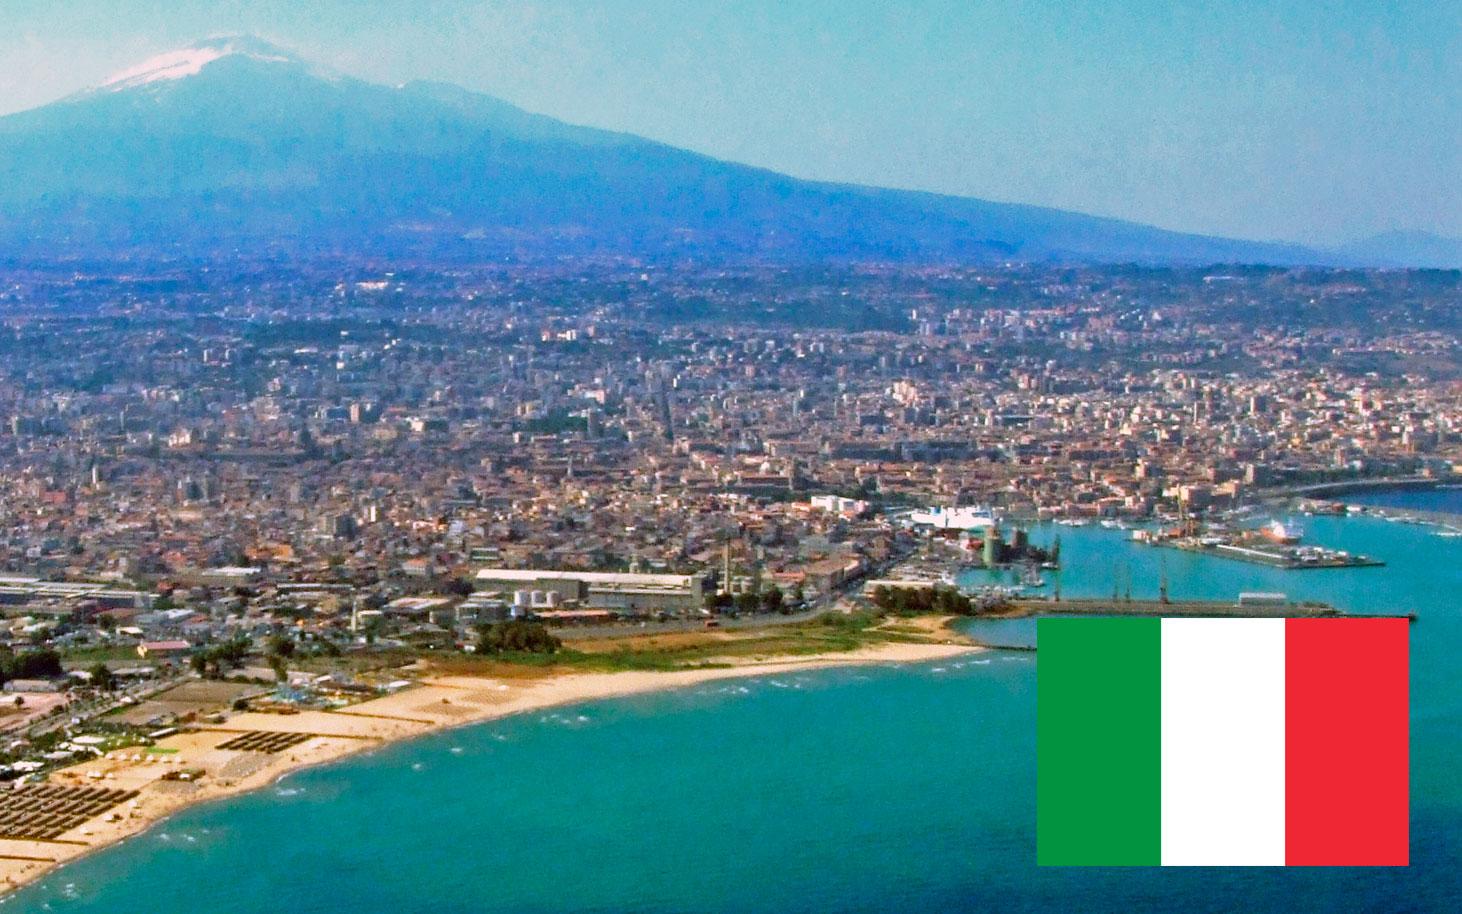 Segunda reunión En la ciudad de Catania, Sicilia (Italia)